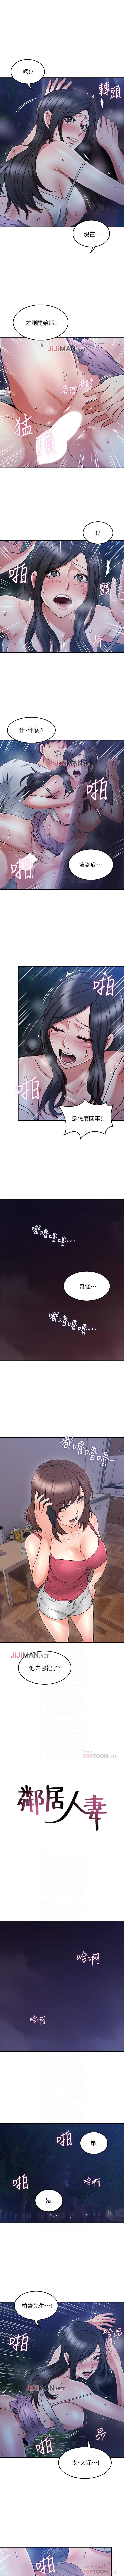 【周六更新】邻居人妻(作者:李周元 & 頸枕) 第1~50话 228